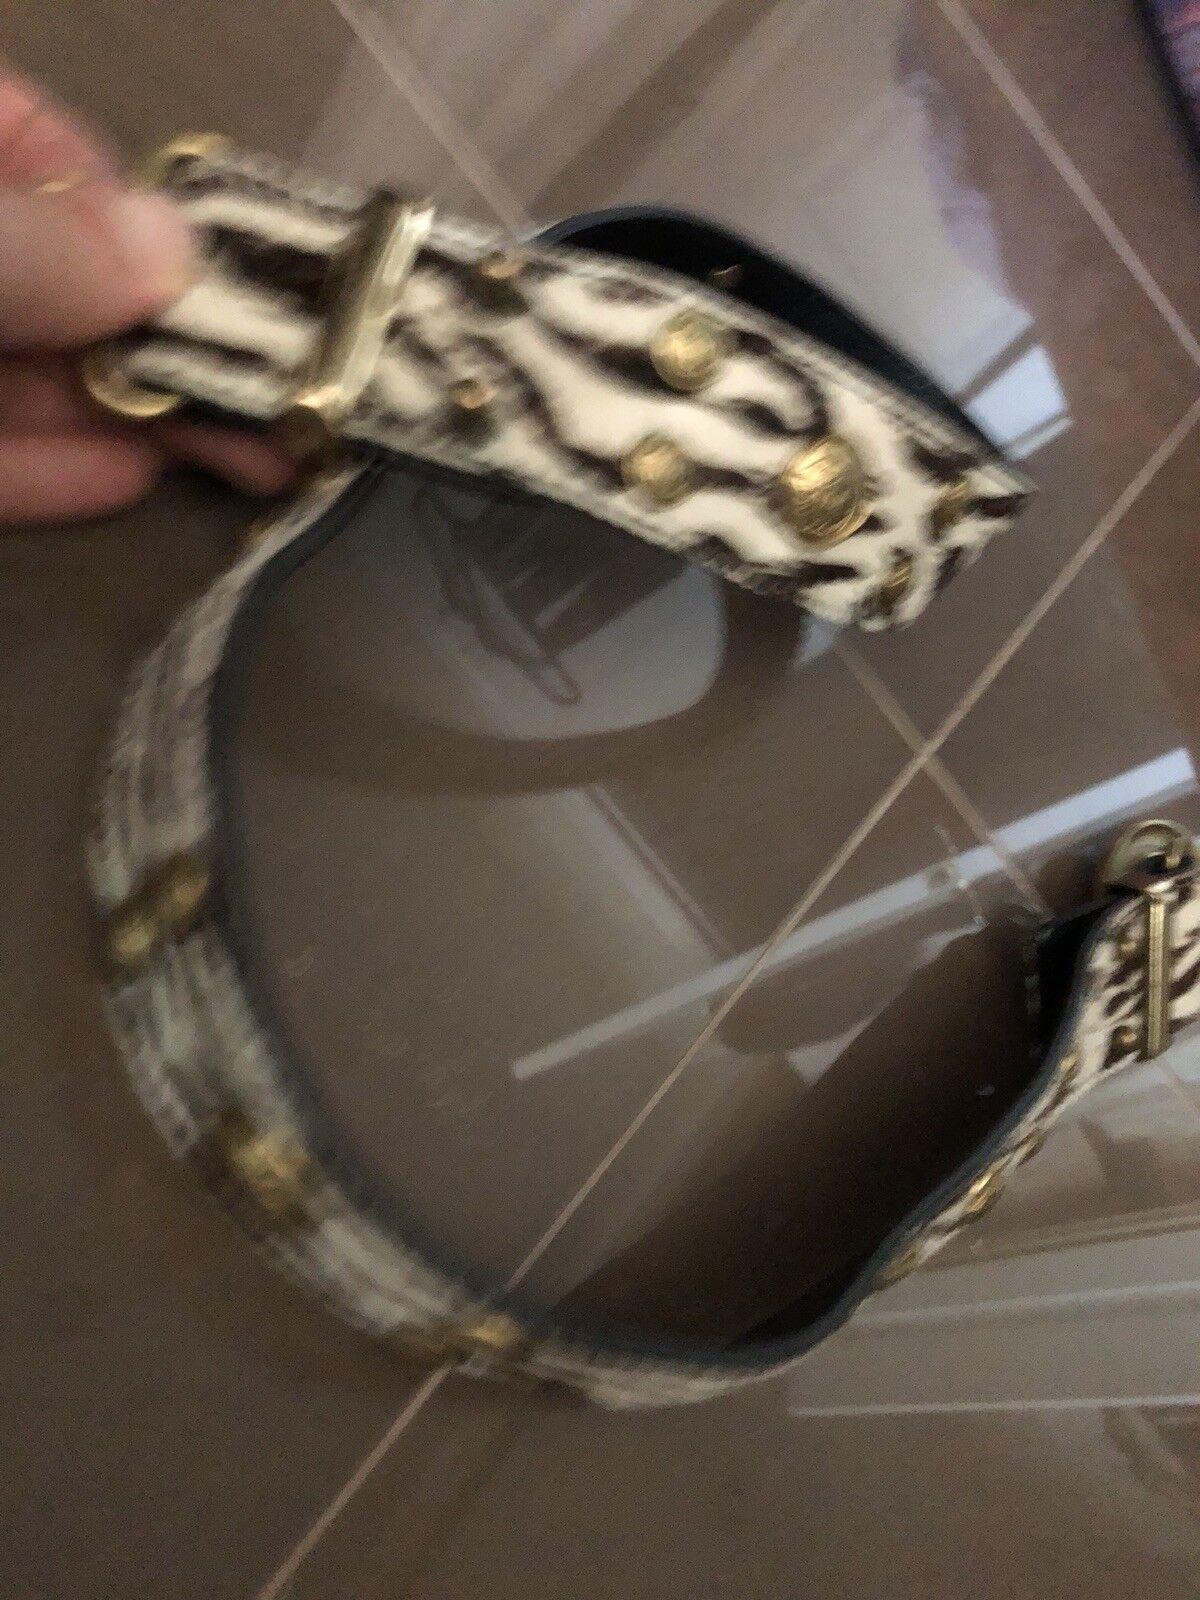 gianni versace vintage Belt - image 3